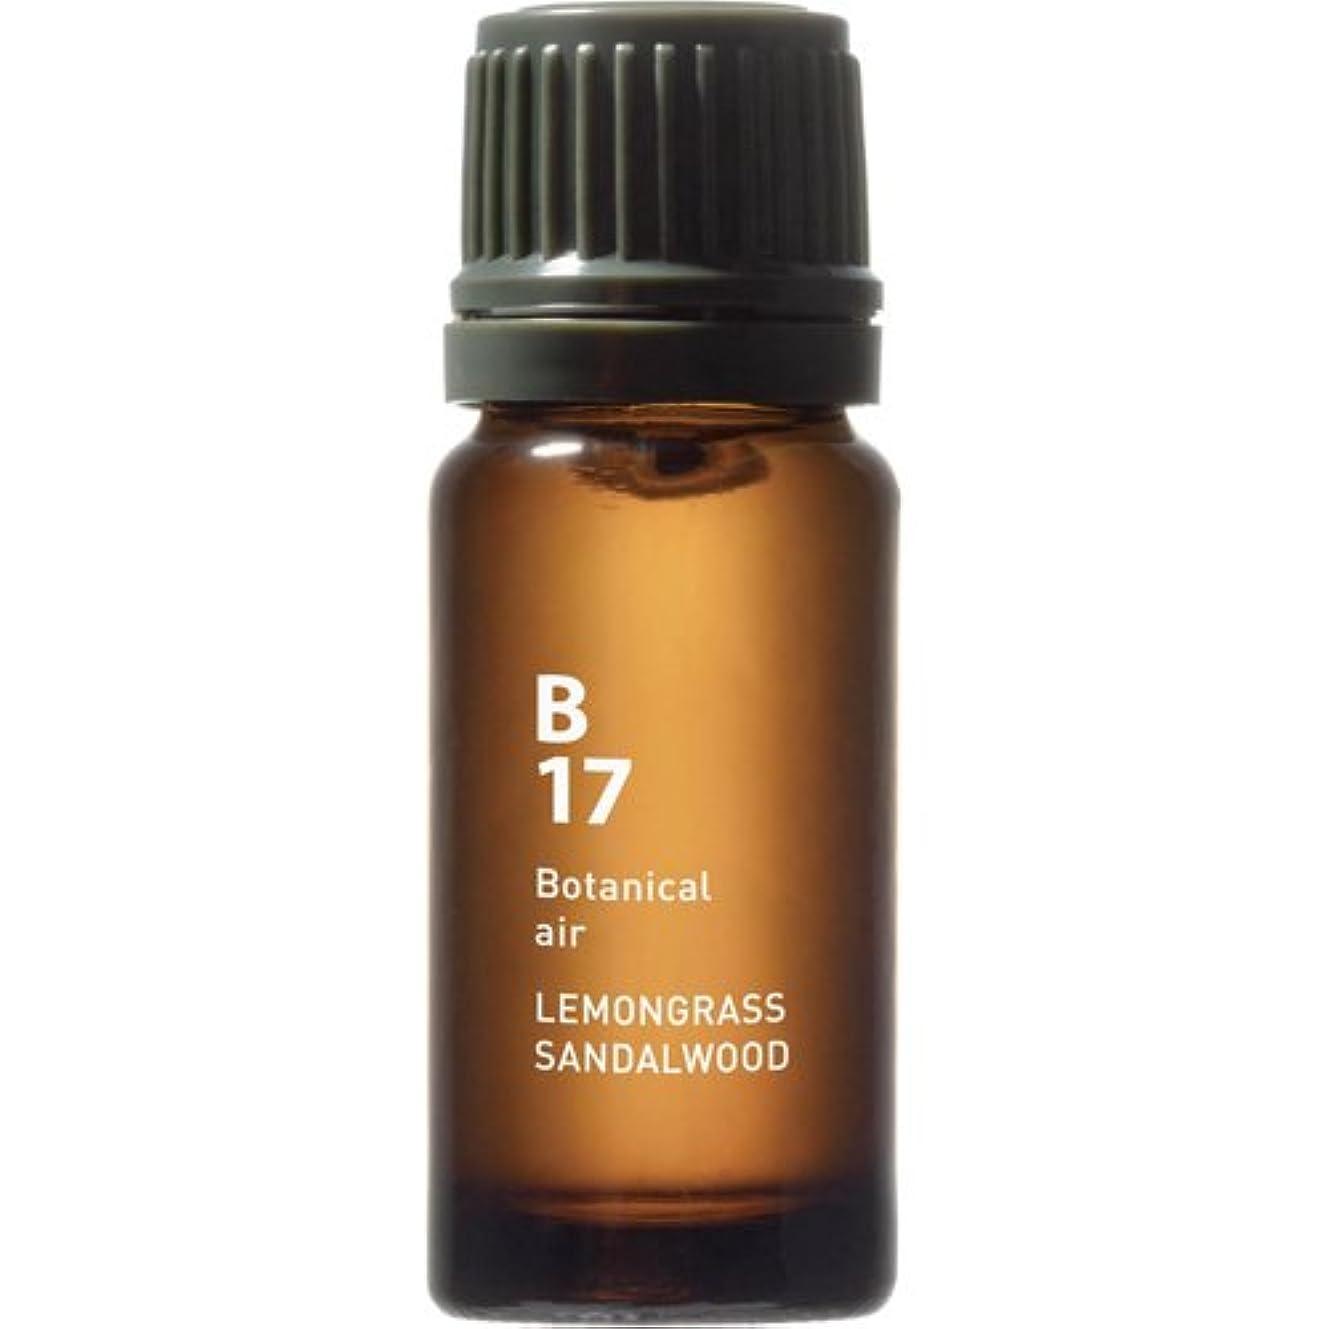 まぶしさ教育学飢B17 レモングラスサンダルウッド Botanical air(ボタニカルエアー) 10ml